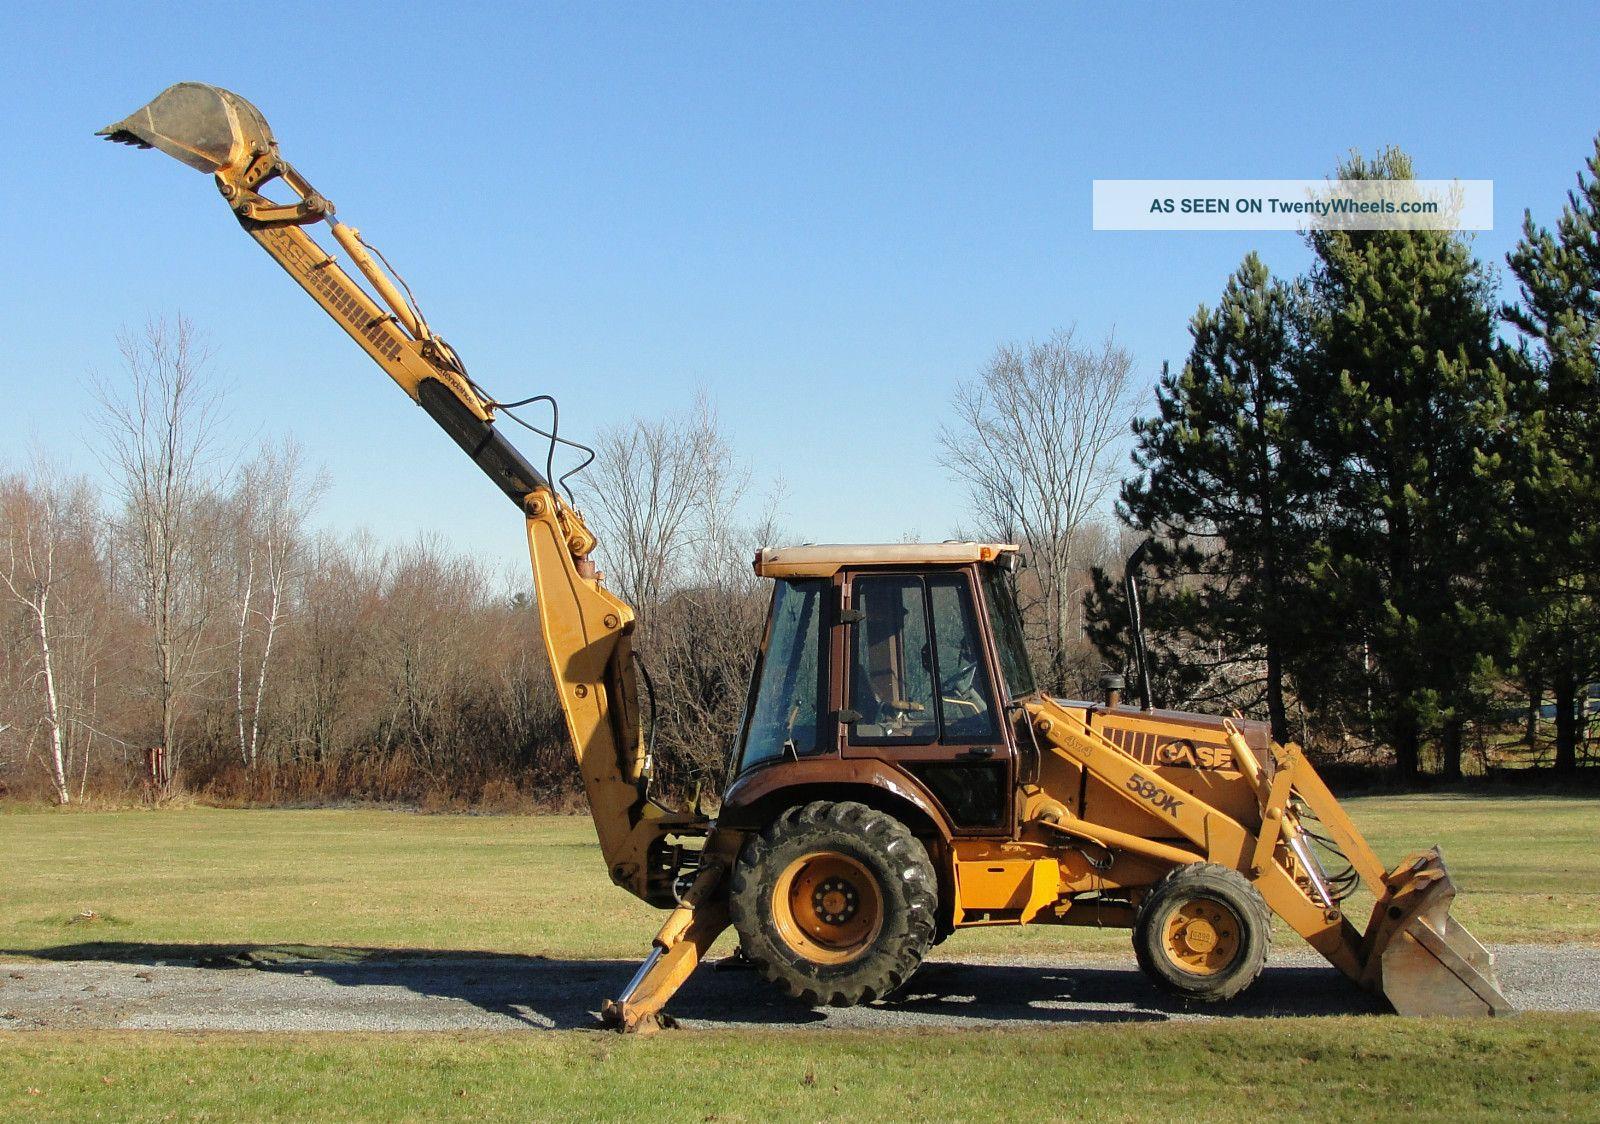 1989 Case 580k Backhoe Parts : Case k wheel drive backhoe loader extendahoe cummins